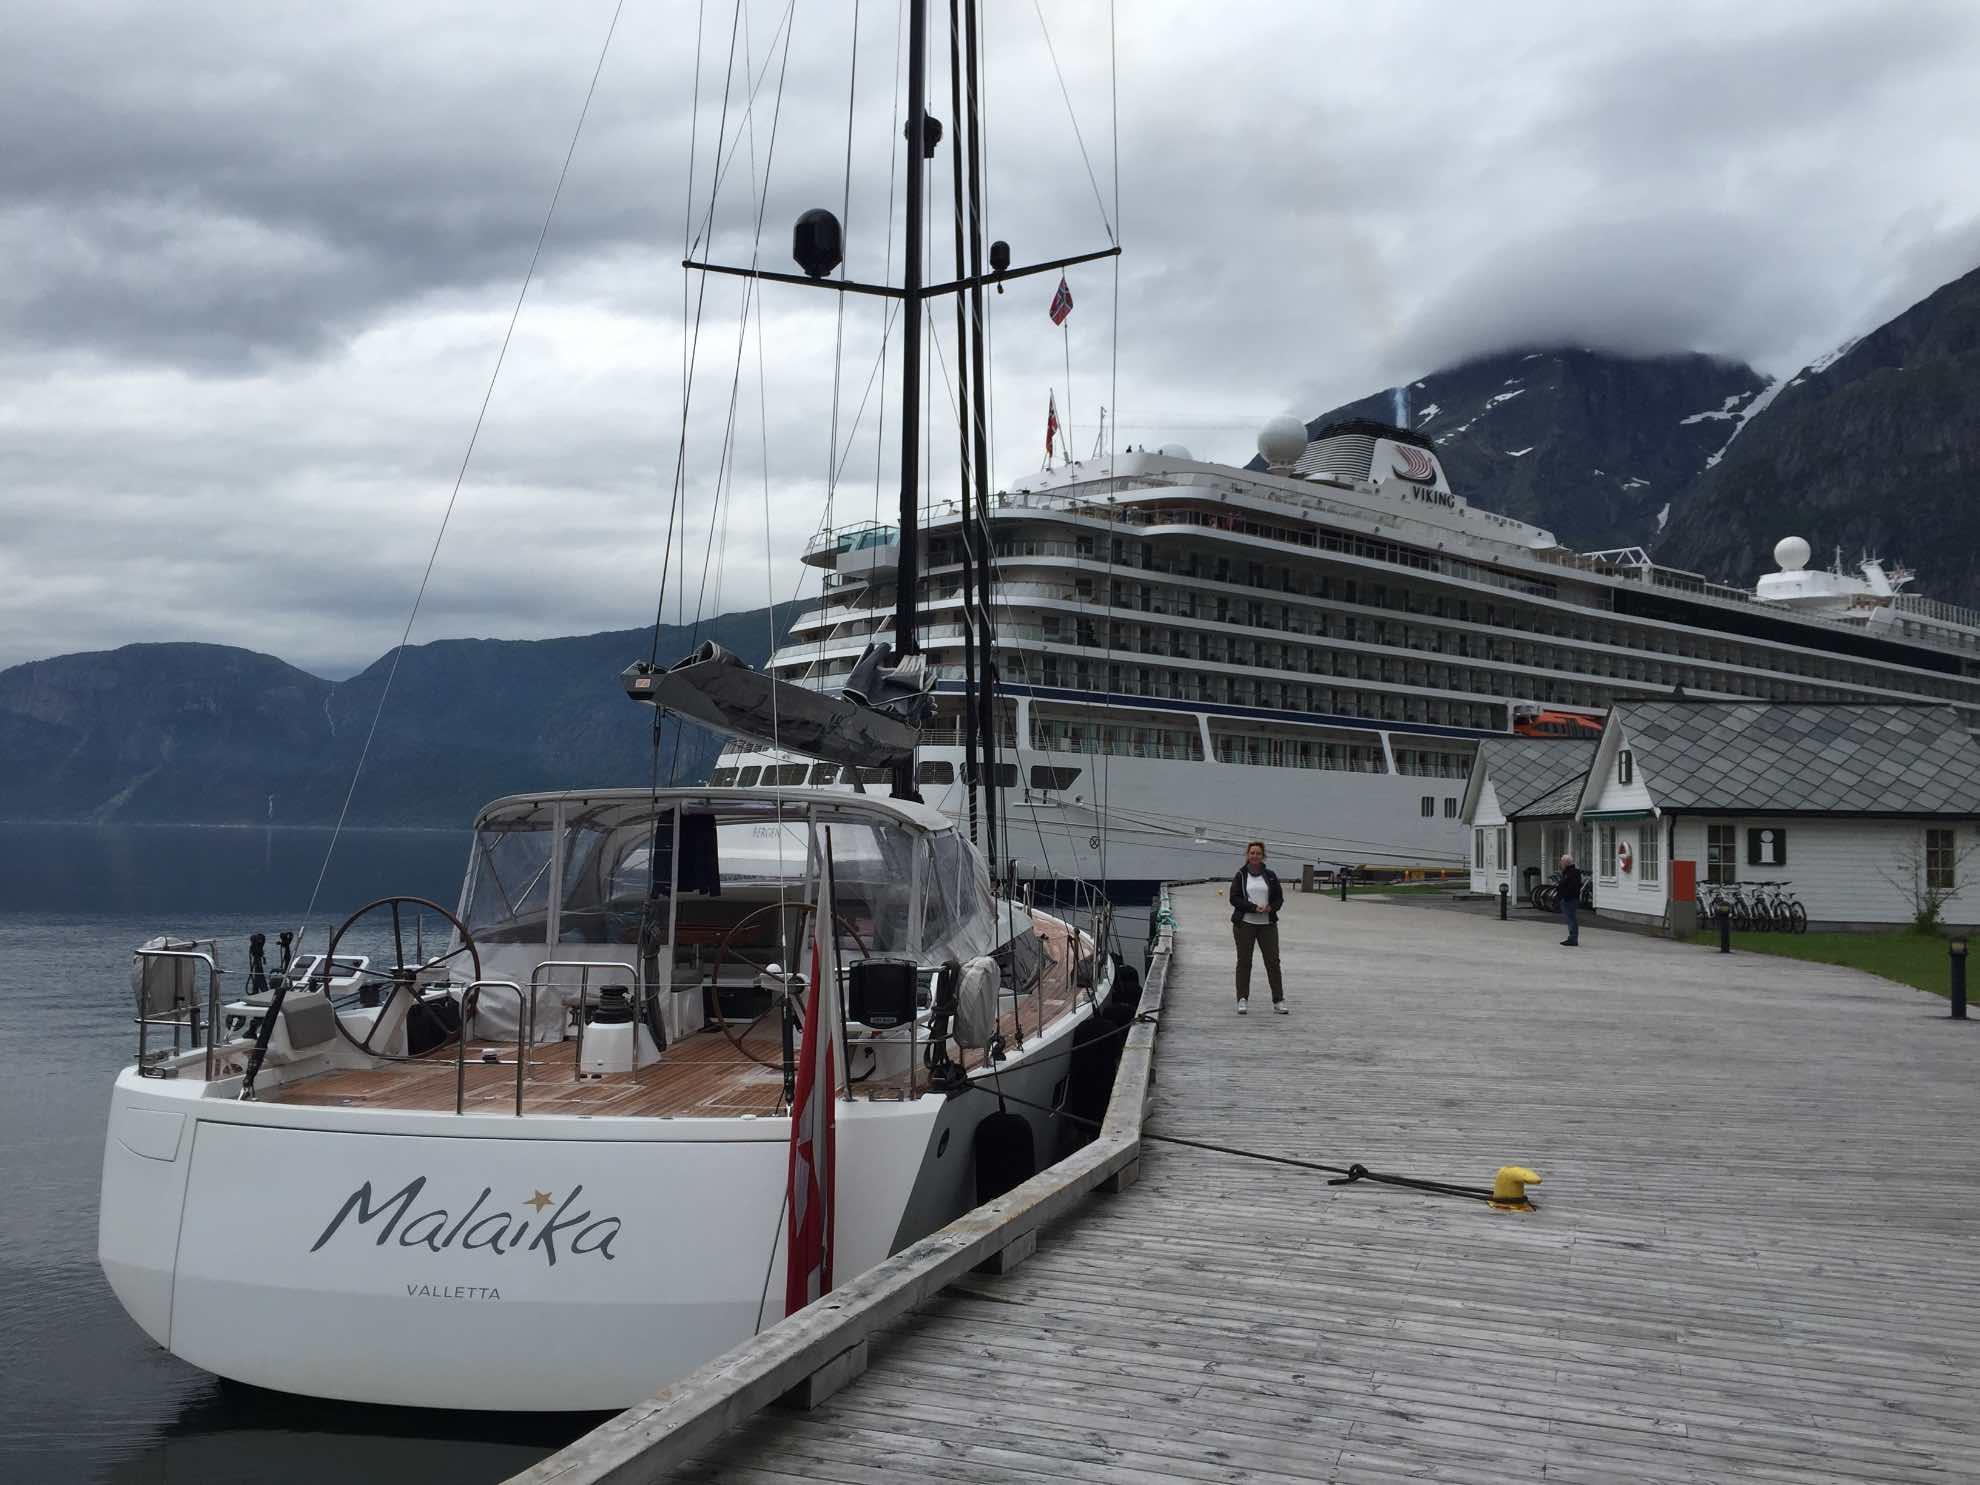 Malaika wirkt fast klein angesichts der Kreuzfahrtschiffe, die hier regelmäßige Besucher sind.